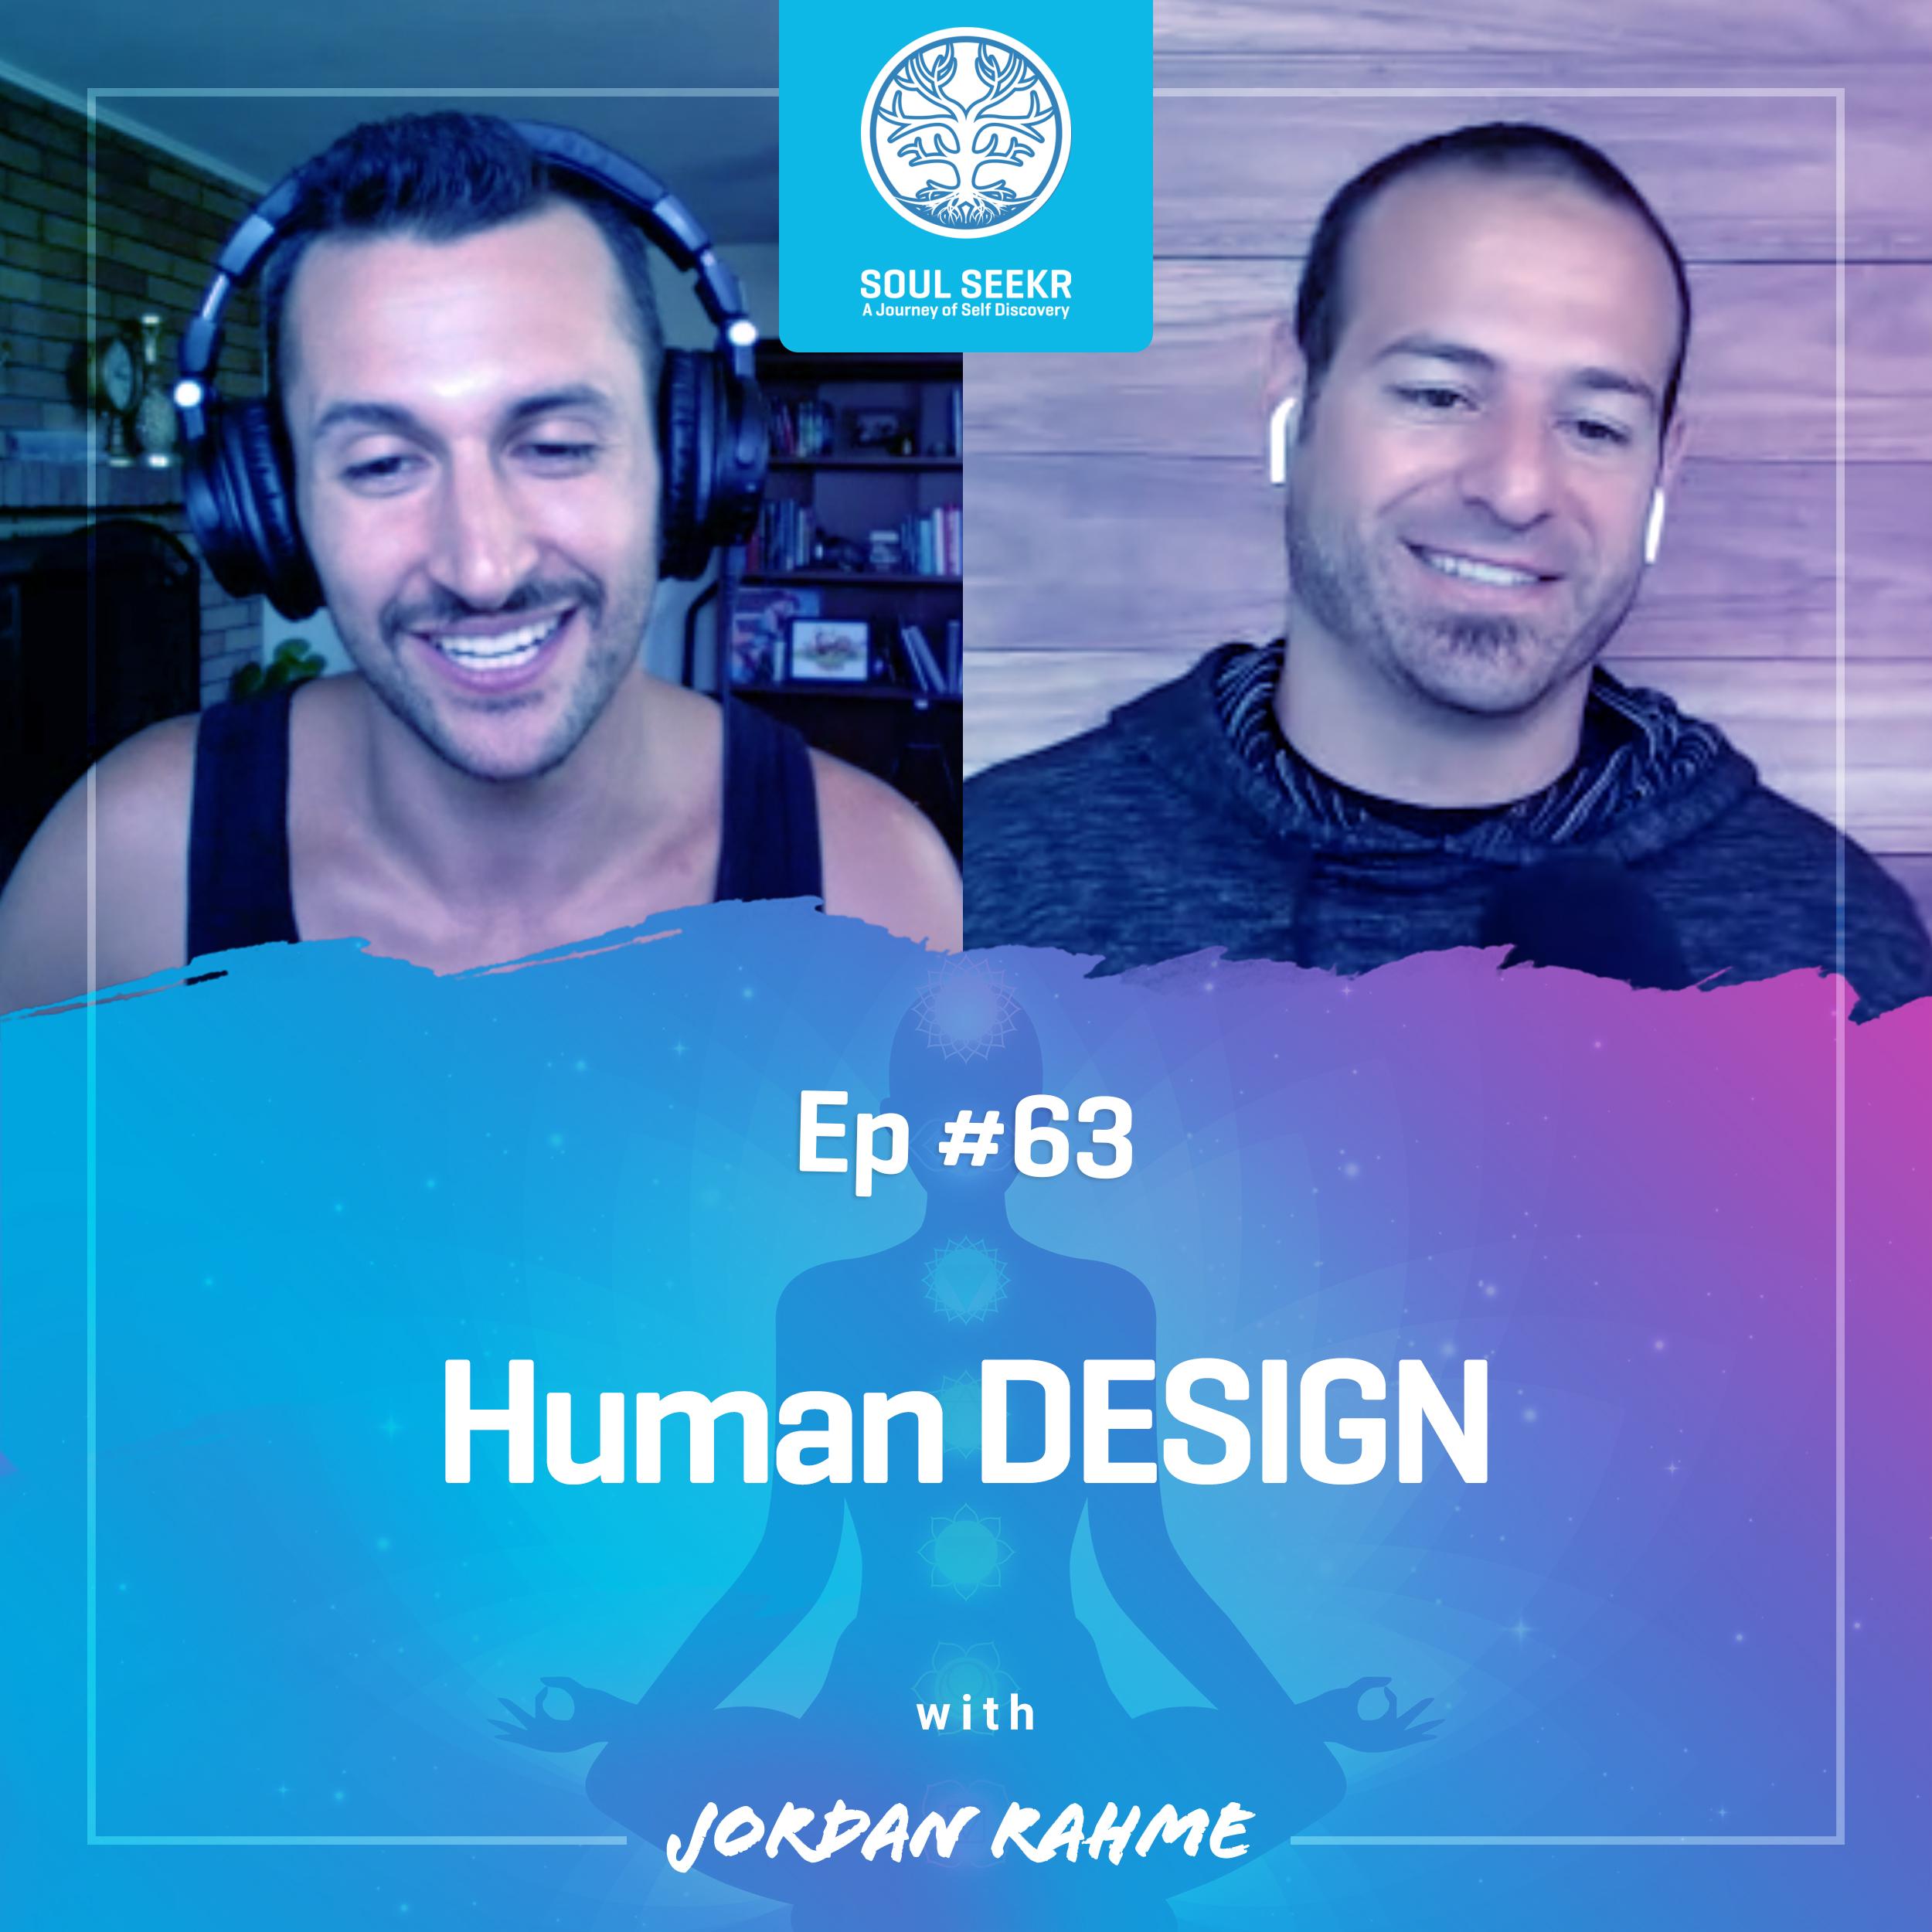 #63: Human Design with Jordan Rahme